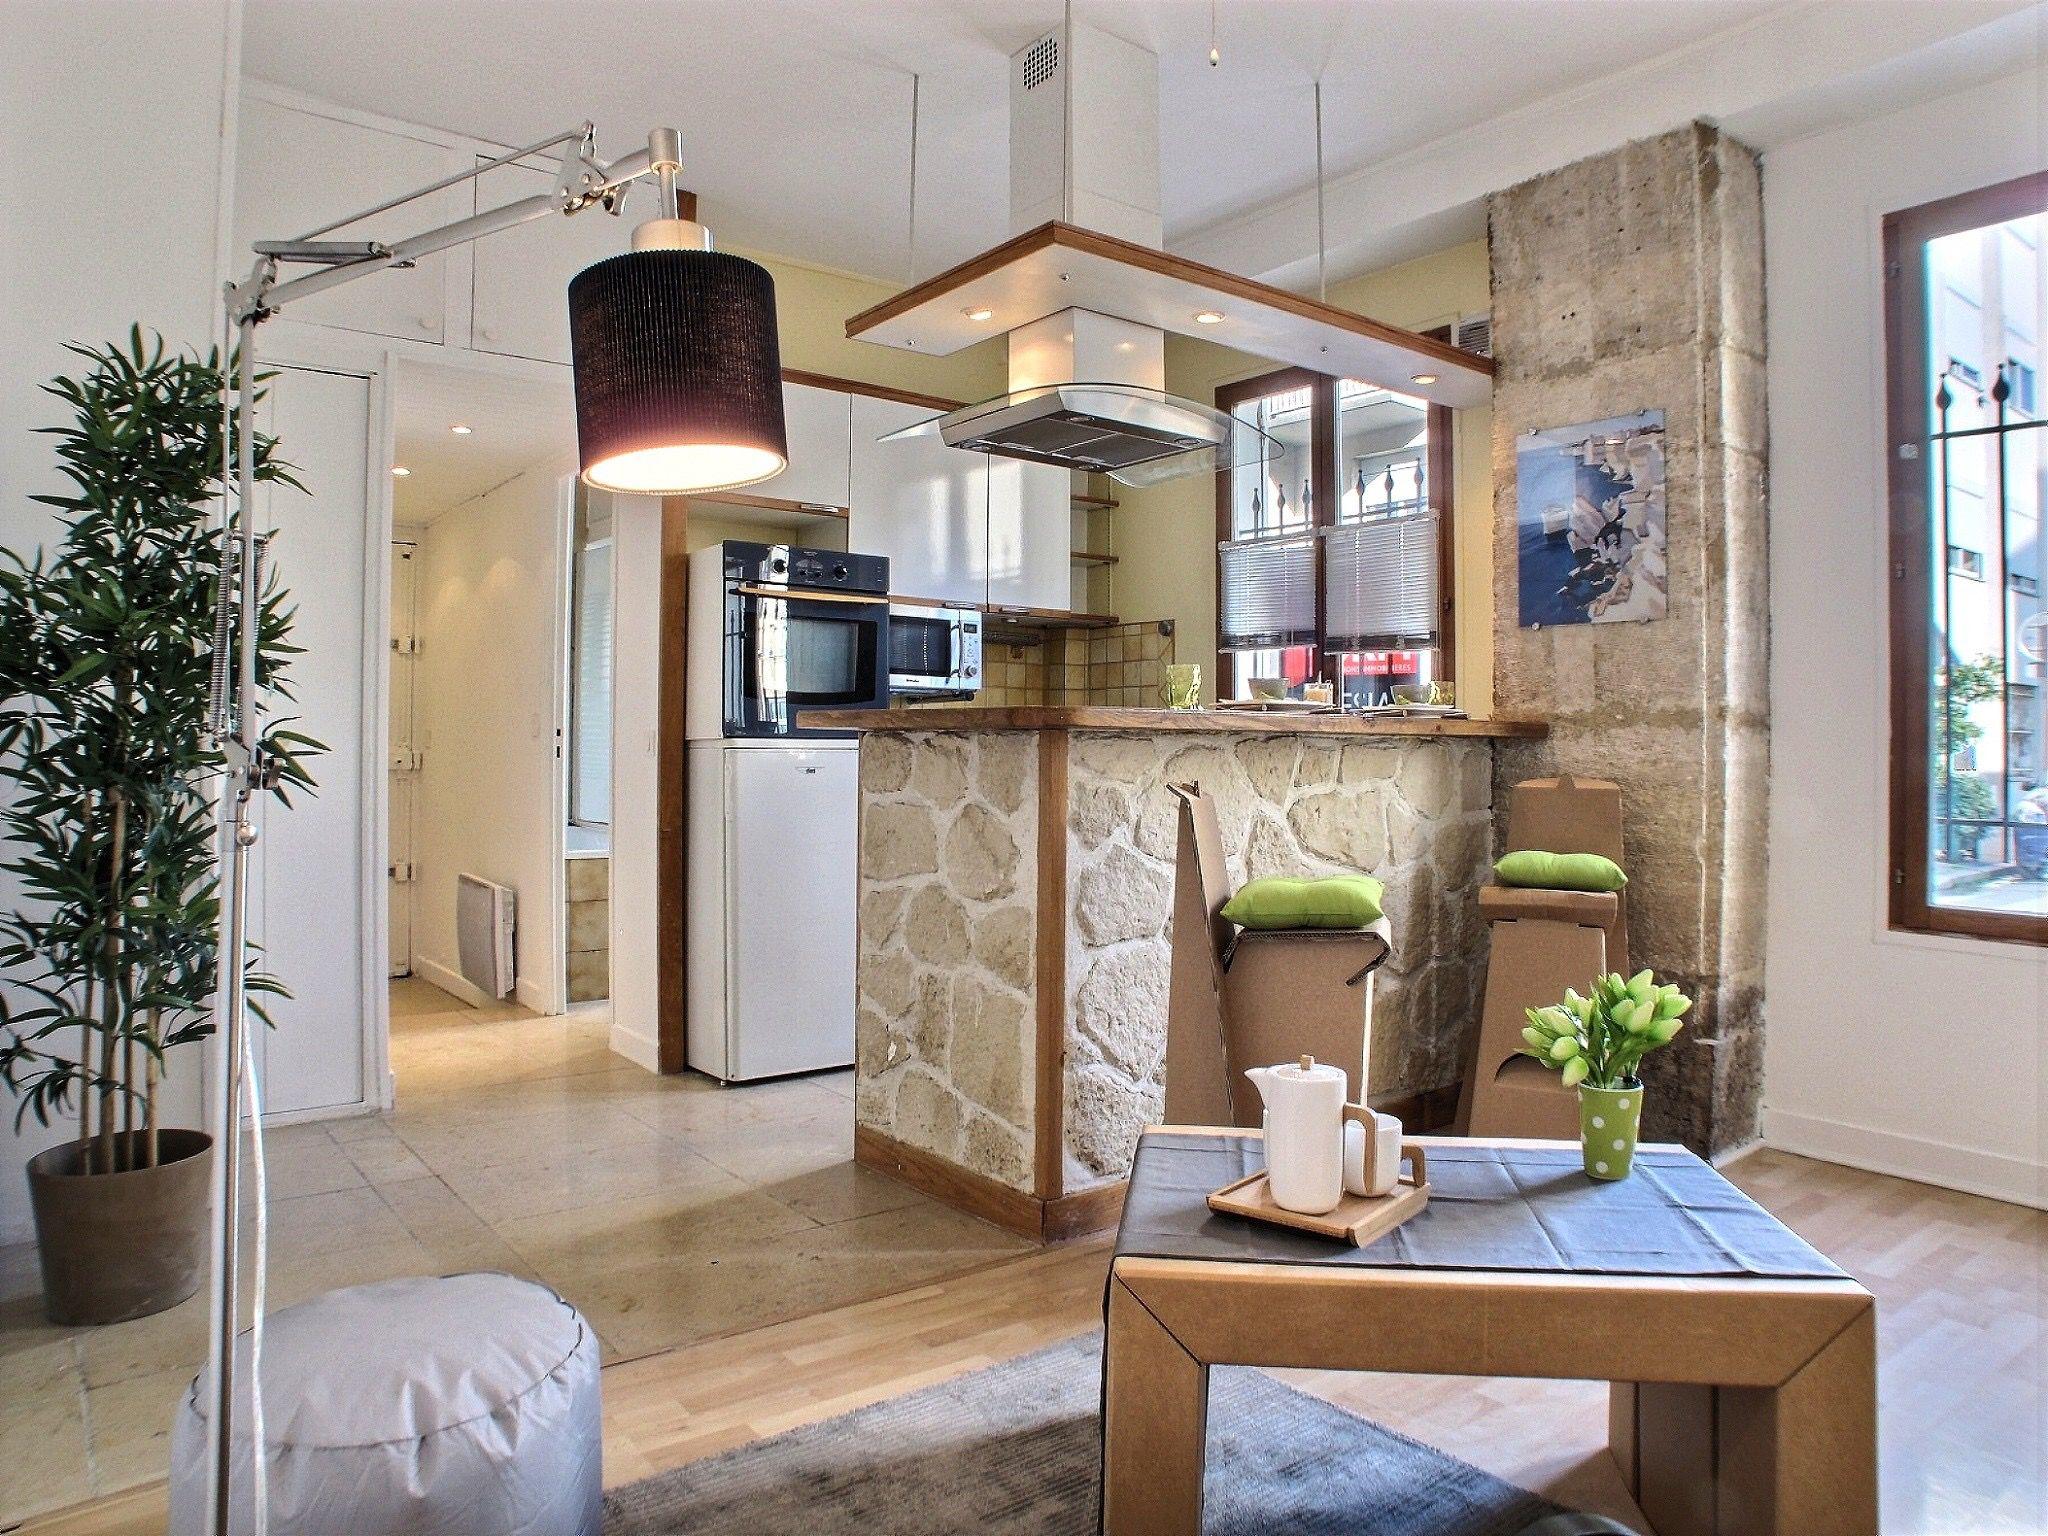 Meubles En Carton Pour Home Staging home staging, optimisation d'un bien immobilier vide